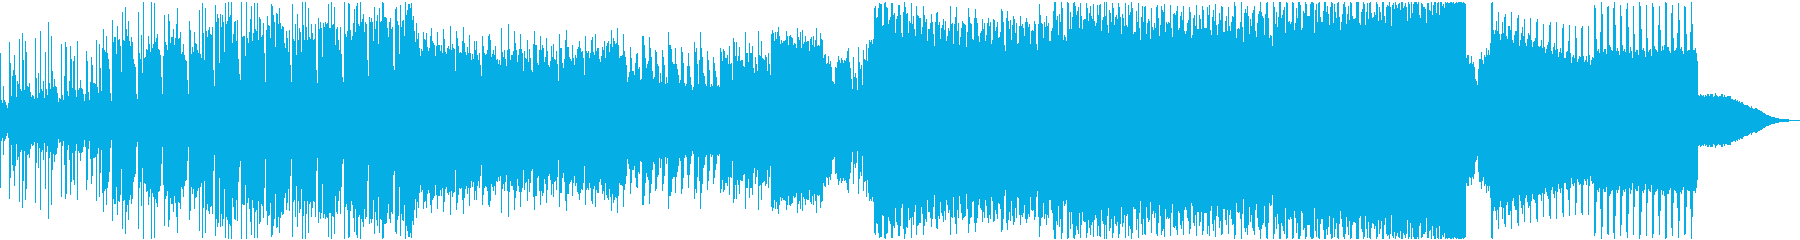 【EDM】アグレッシブ、パワーのある音の再生済みの波形